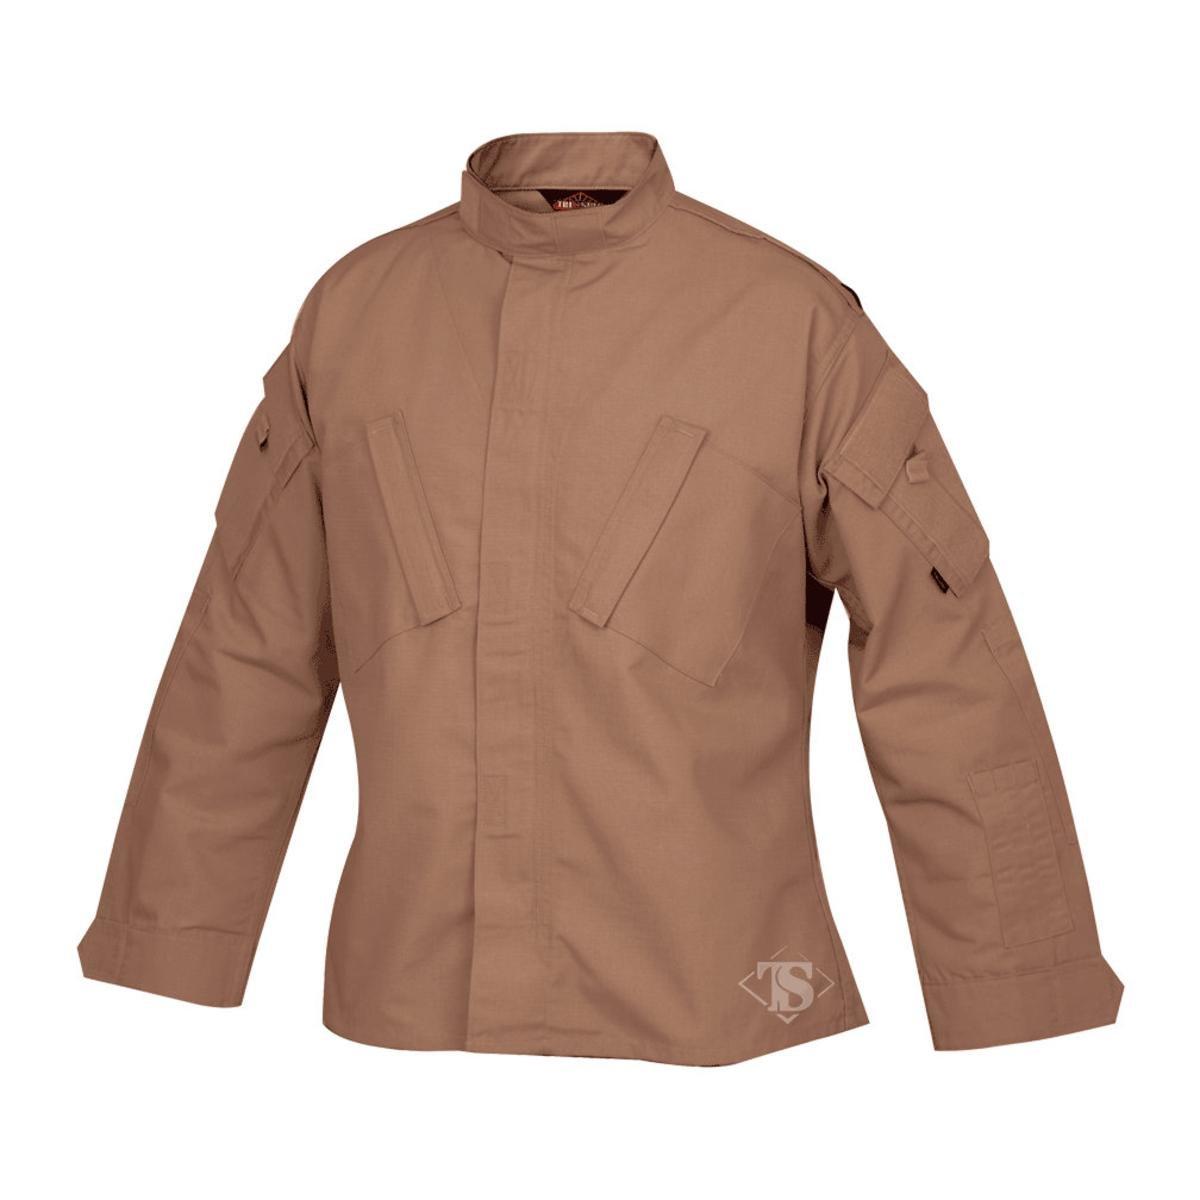 Tru-Spec Mens Tactical Response Shirt